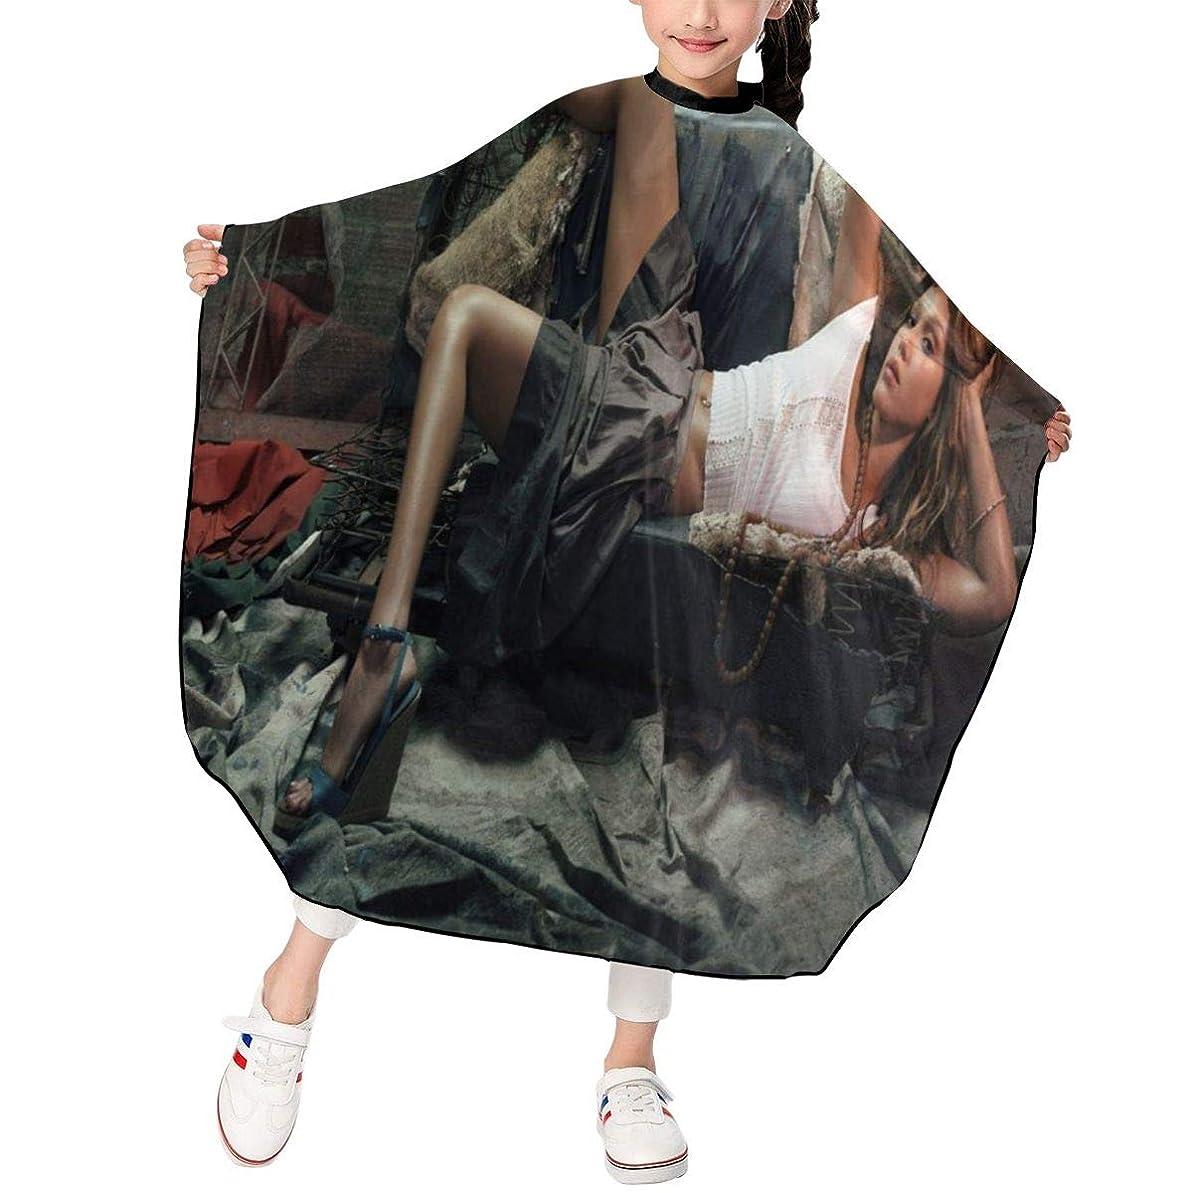 加速度作曲する動揺させる最新の人気ヘアカットエプロン 子供用ヘアカットエプロン120×100cm Jessica Alba 柔らかく、軽量で、繊細なポリエステル生地、肌にやさしい、ドライ